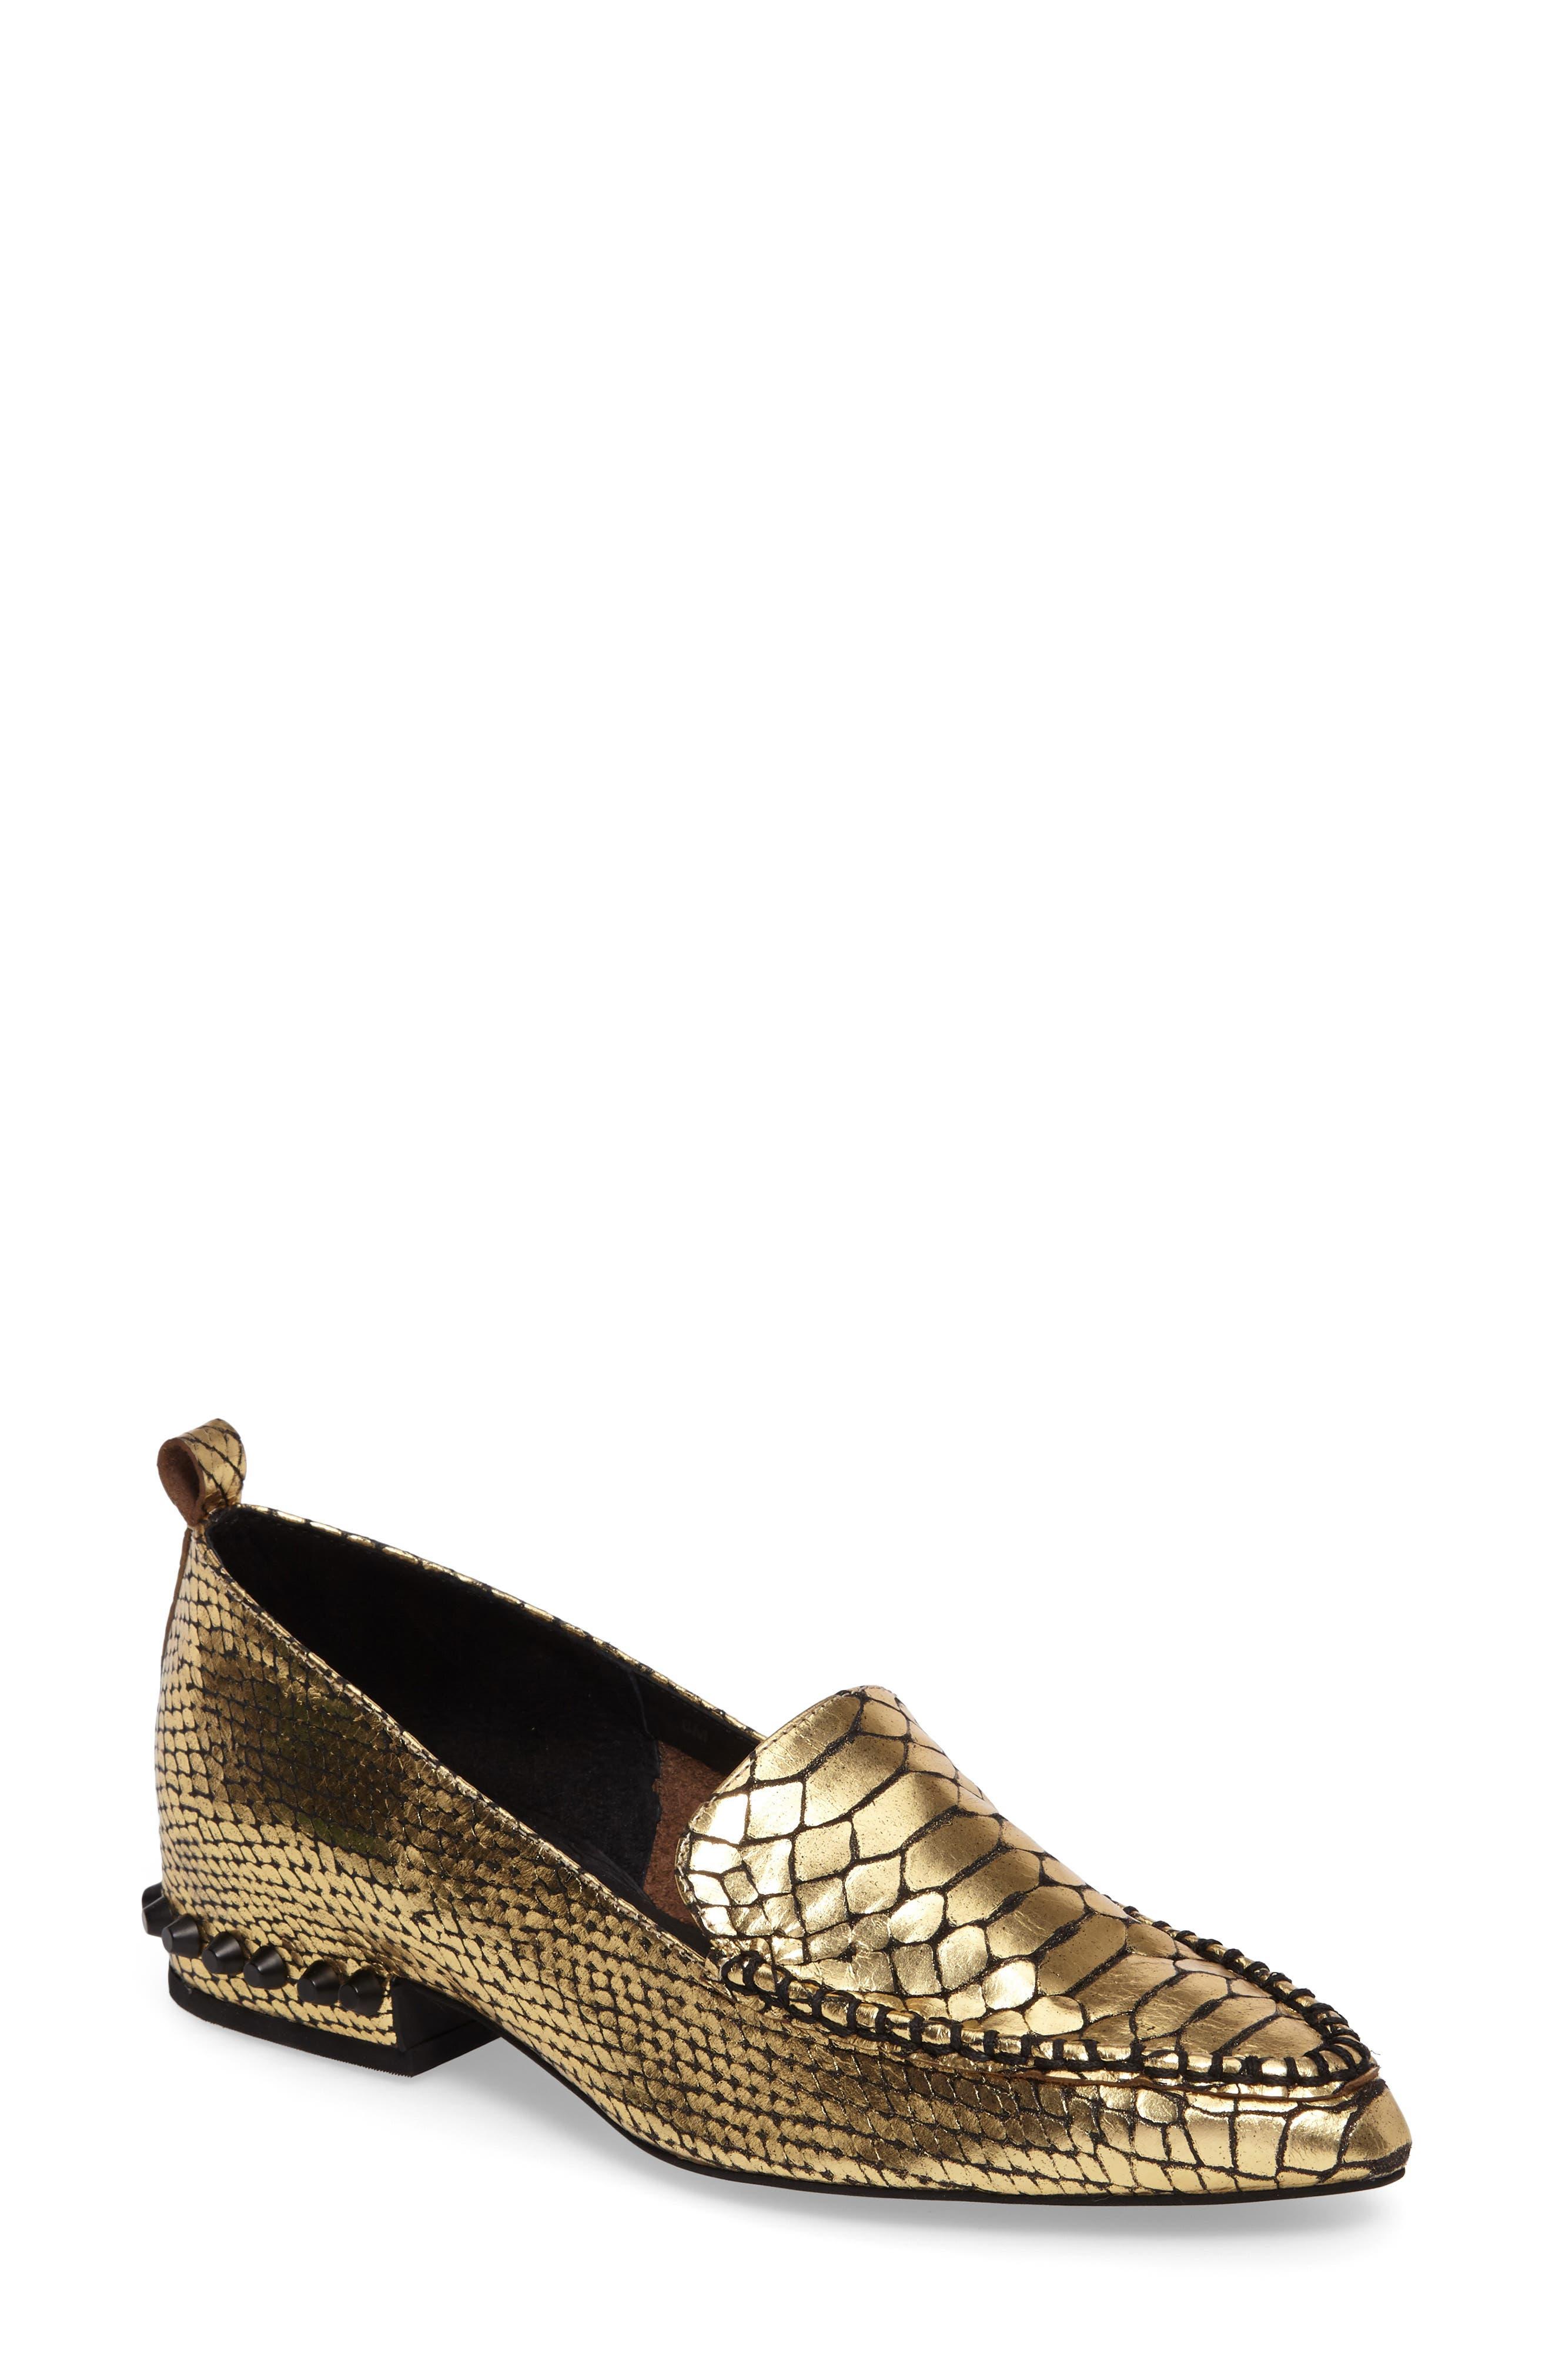 Alternate Image 1 Selected - Jeffrey Campbell Barnett Studded Loafer (Women)